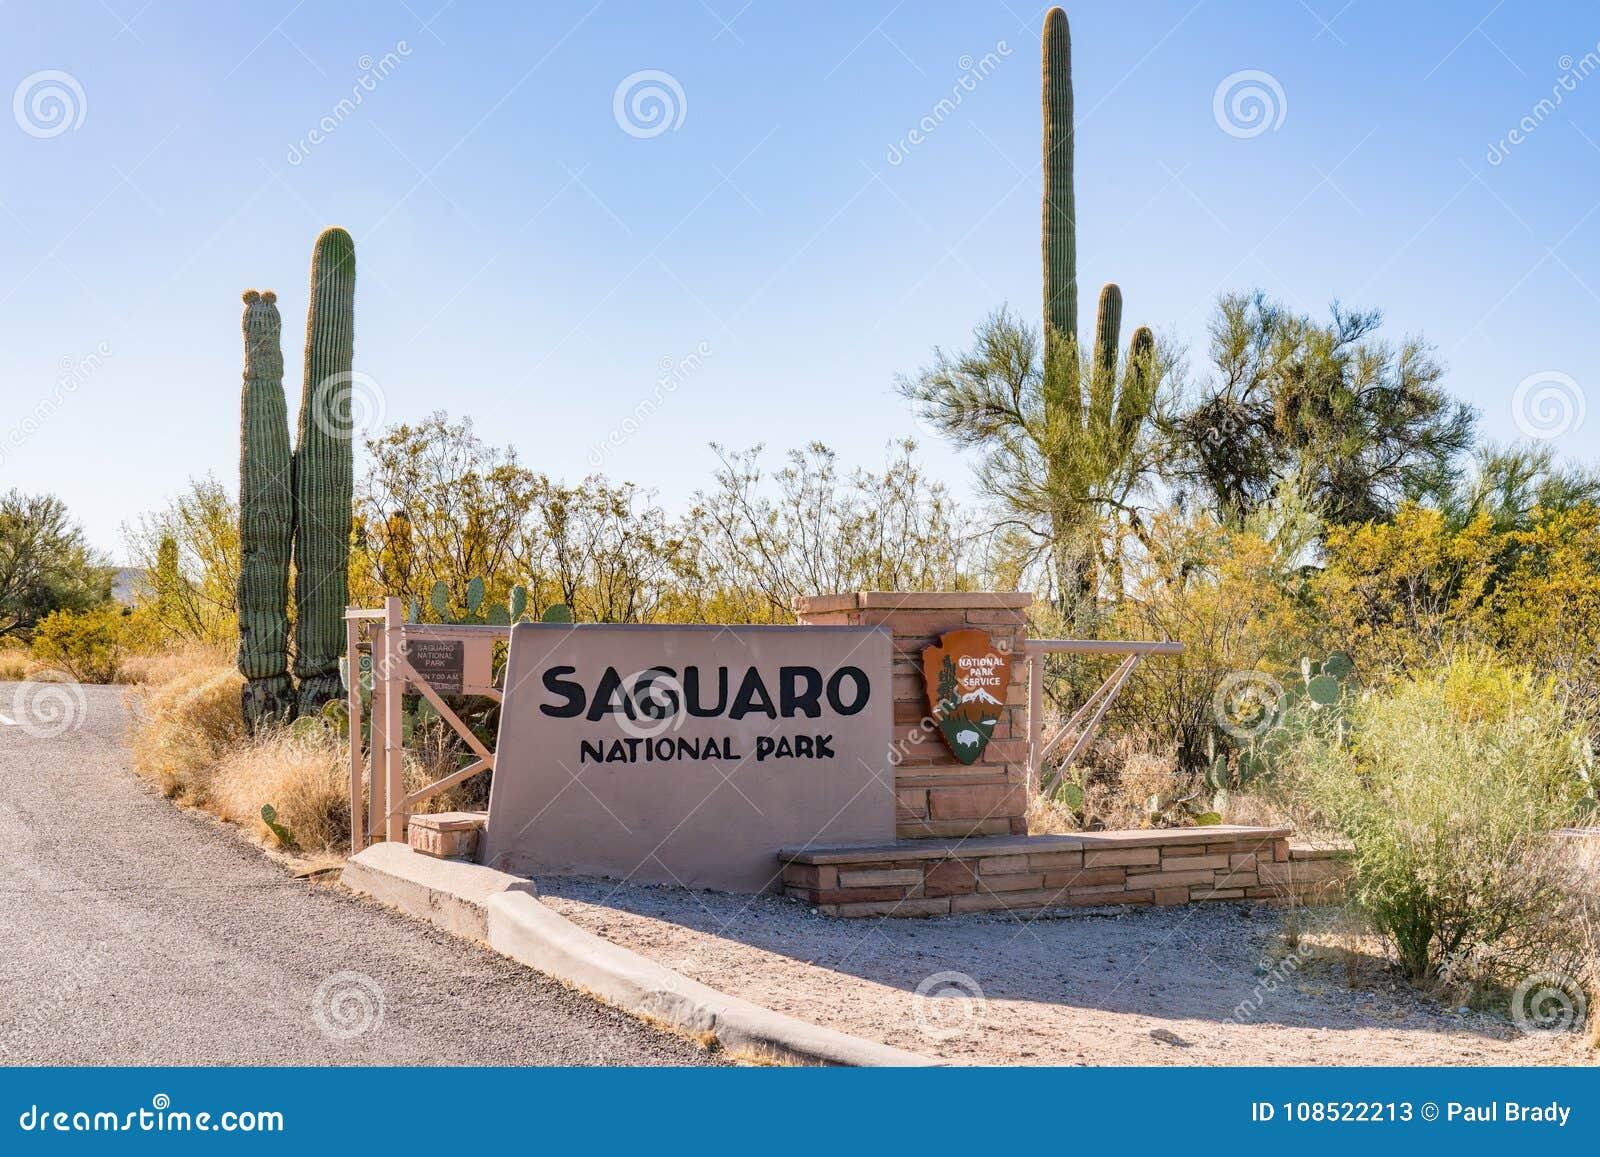 巨人柱国家公园入口标志